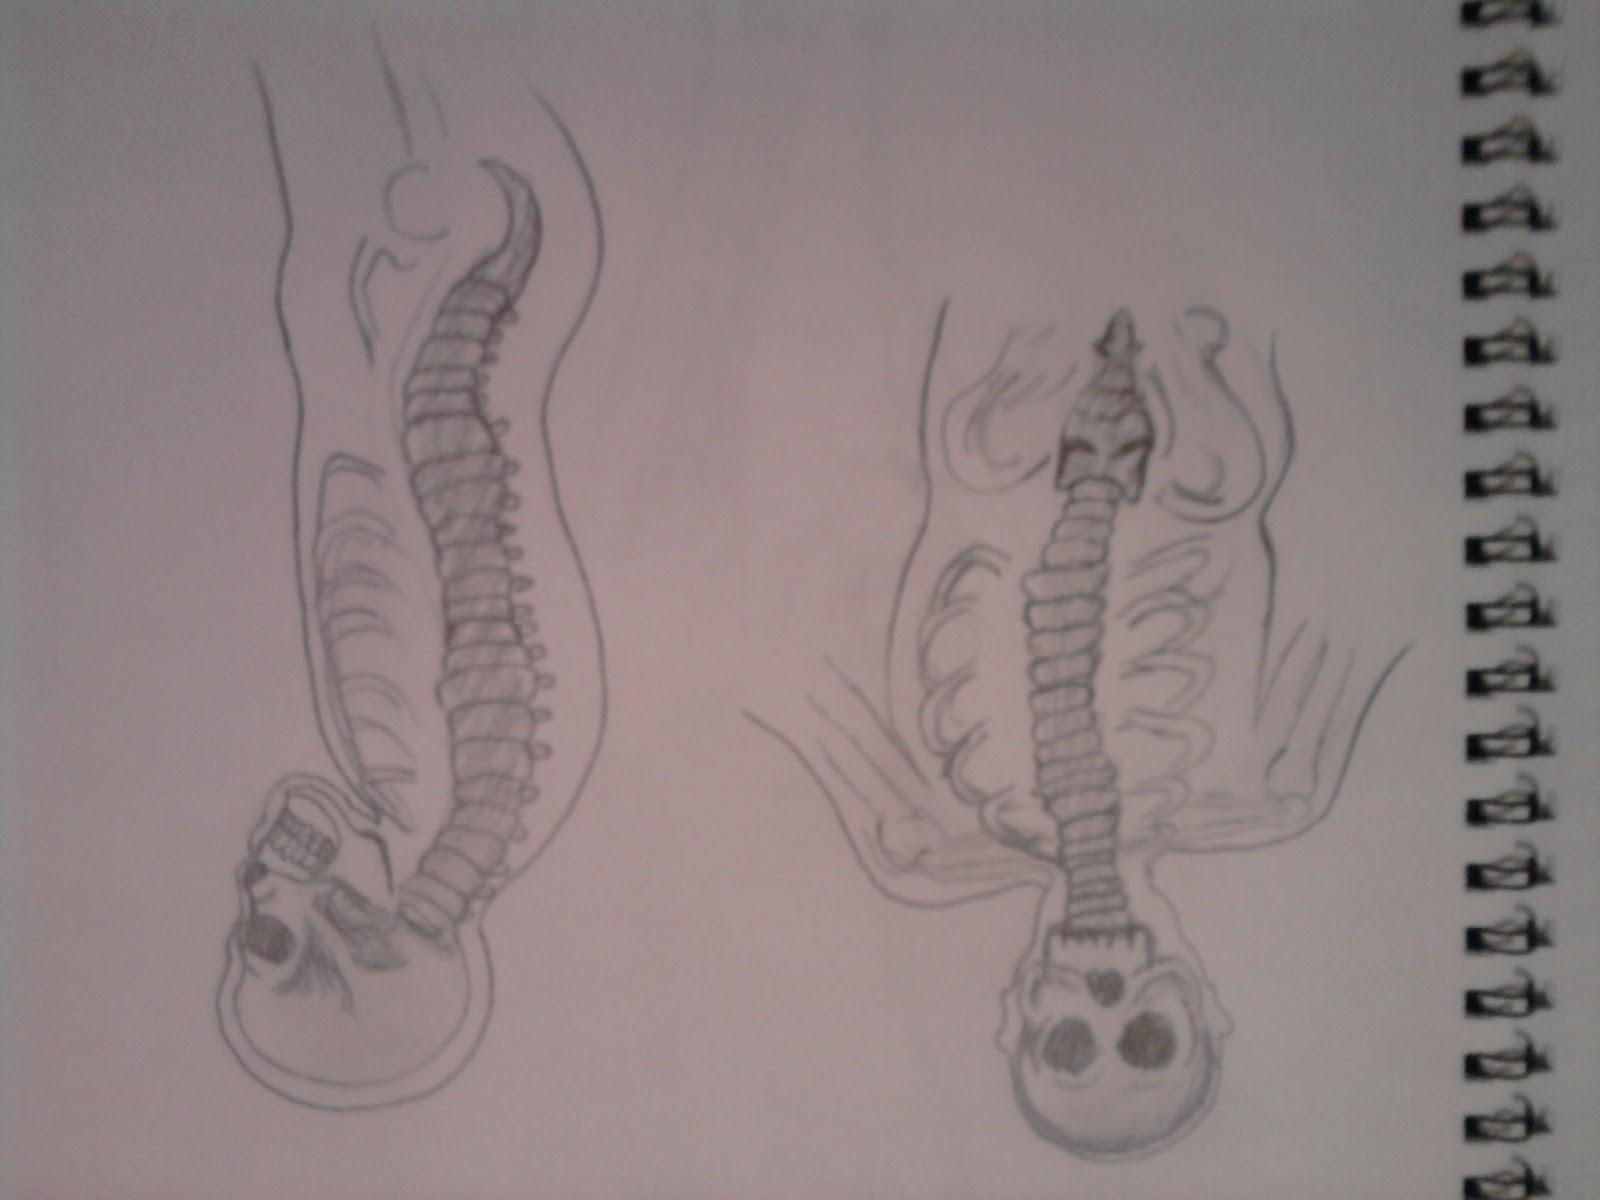 tema: Anatomía en el arte ST 7701: estructura osea del cuerpo humano